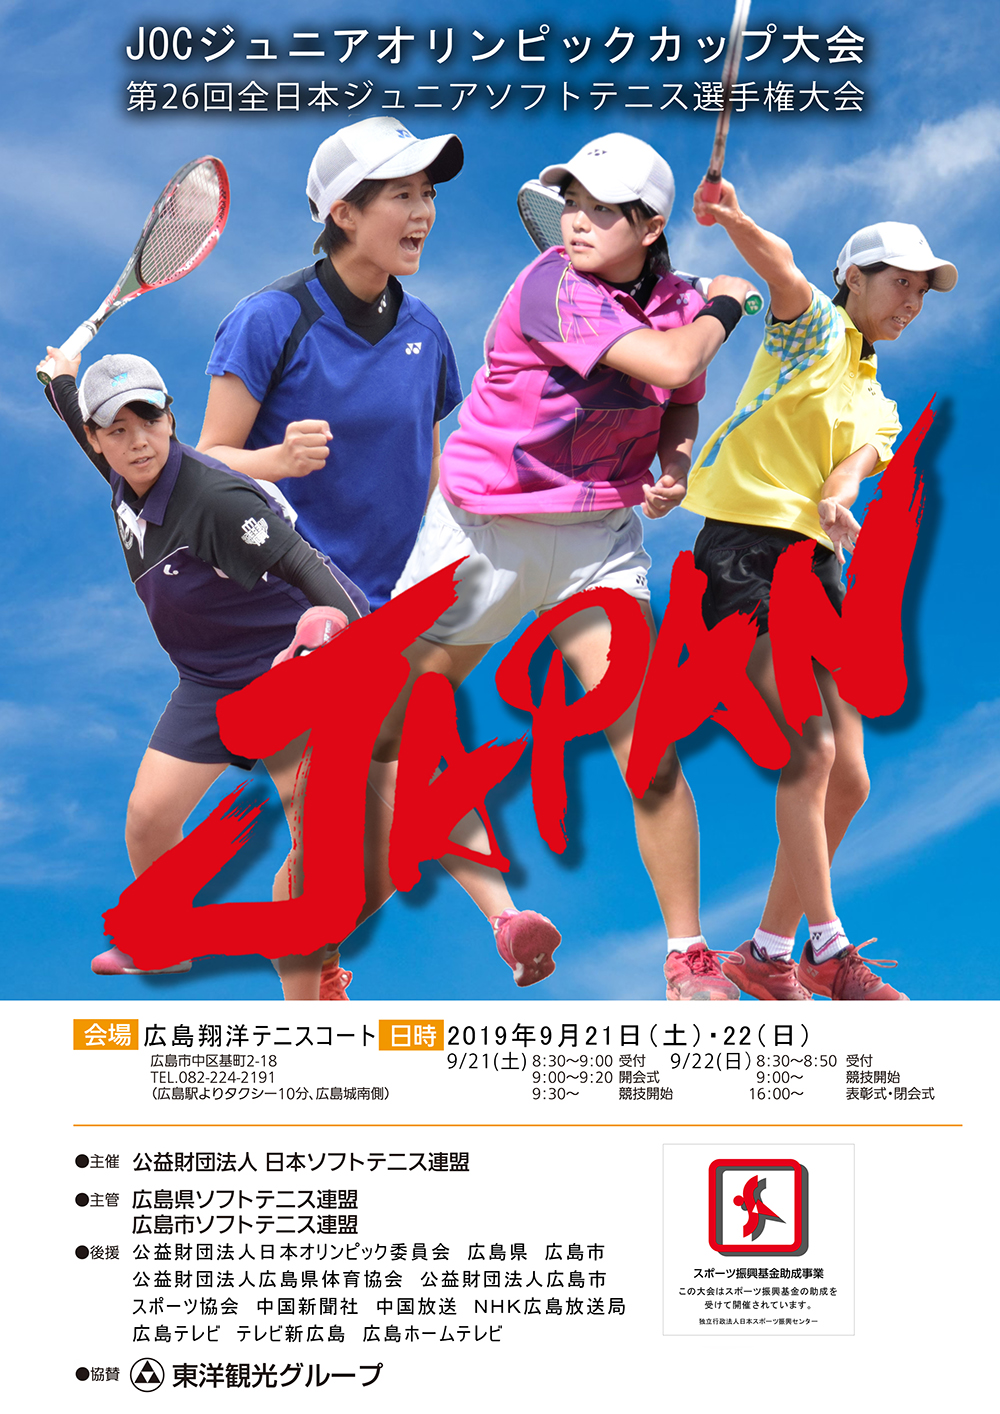 ソフトテニス 高校 愛知 県 2020大会予定・結果